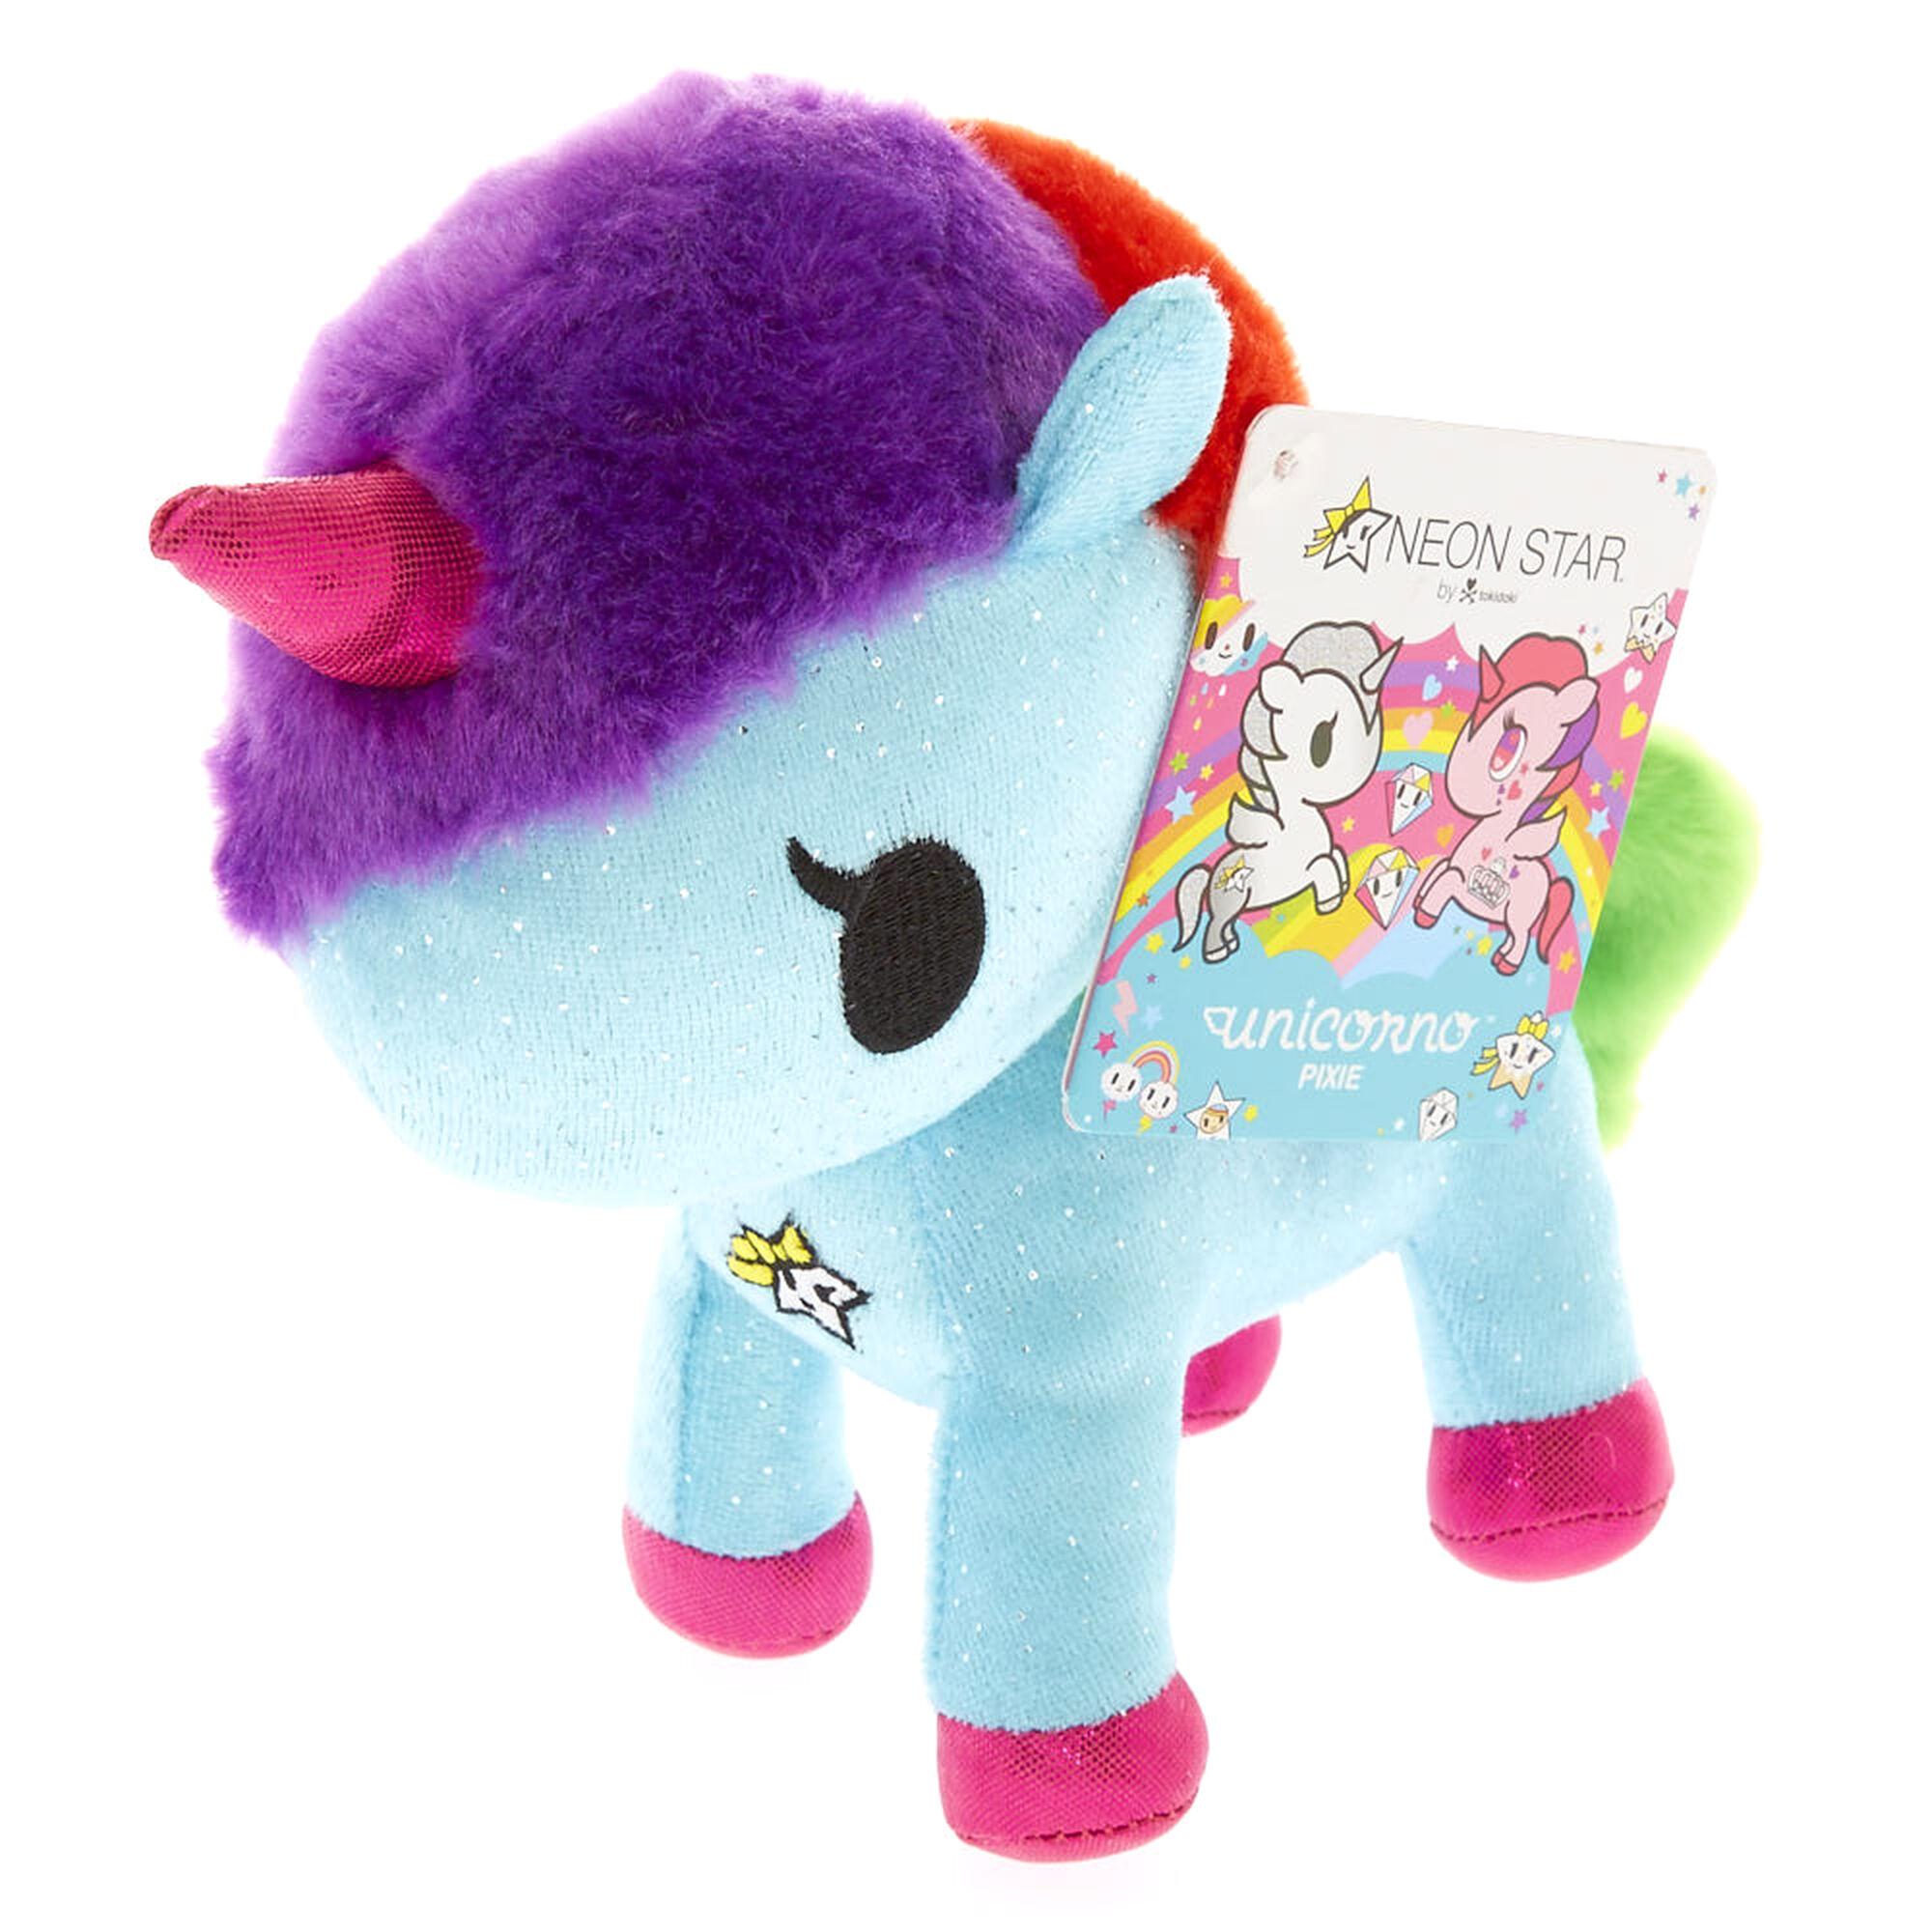 Tokidoki Unicorno Pixie Plush Toy Claire S Us